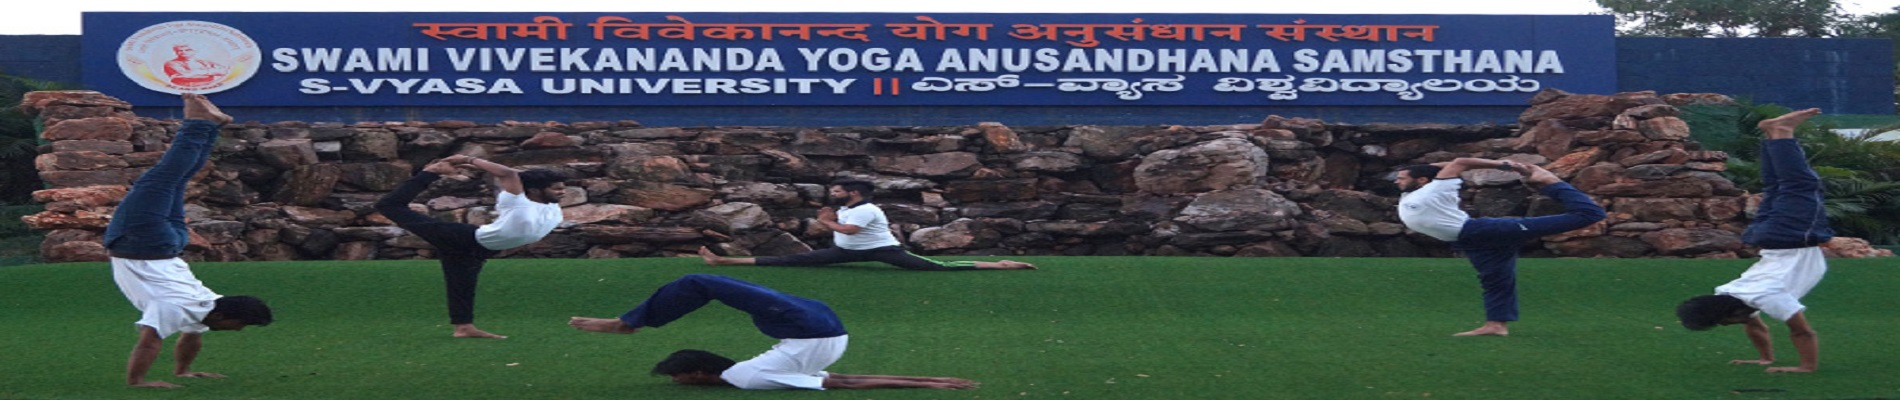 Swam-Vivekananda-Yoga-Anusandhana-Samsthana